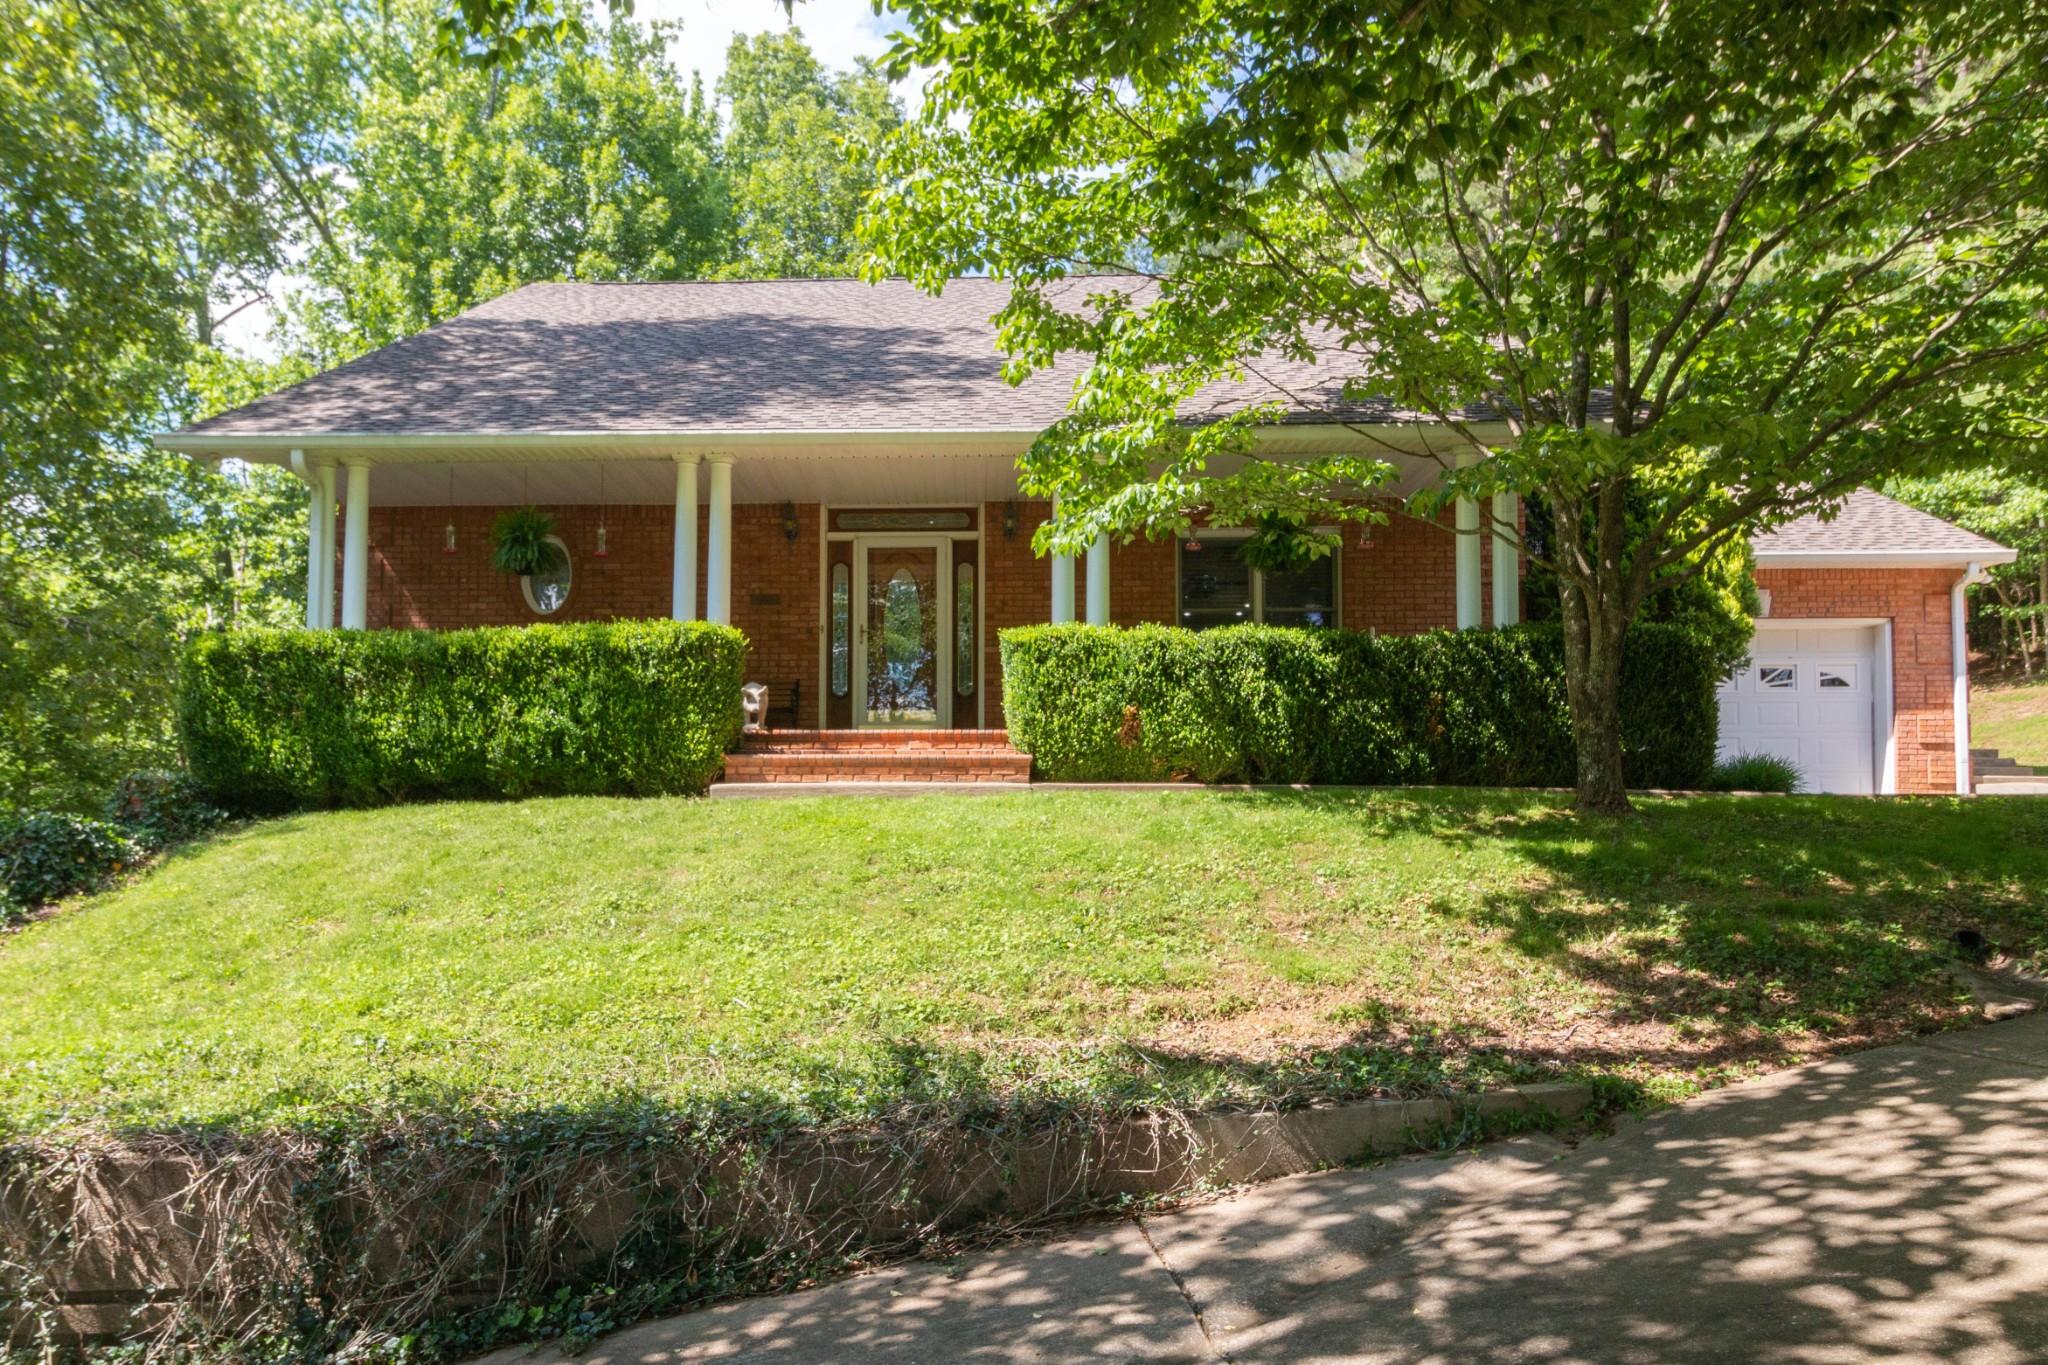 160 Moss Rd, Pulaski, TN 38478 - Pulaski, TN real estate listing